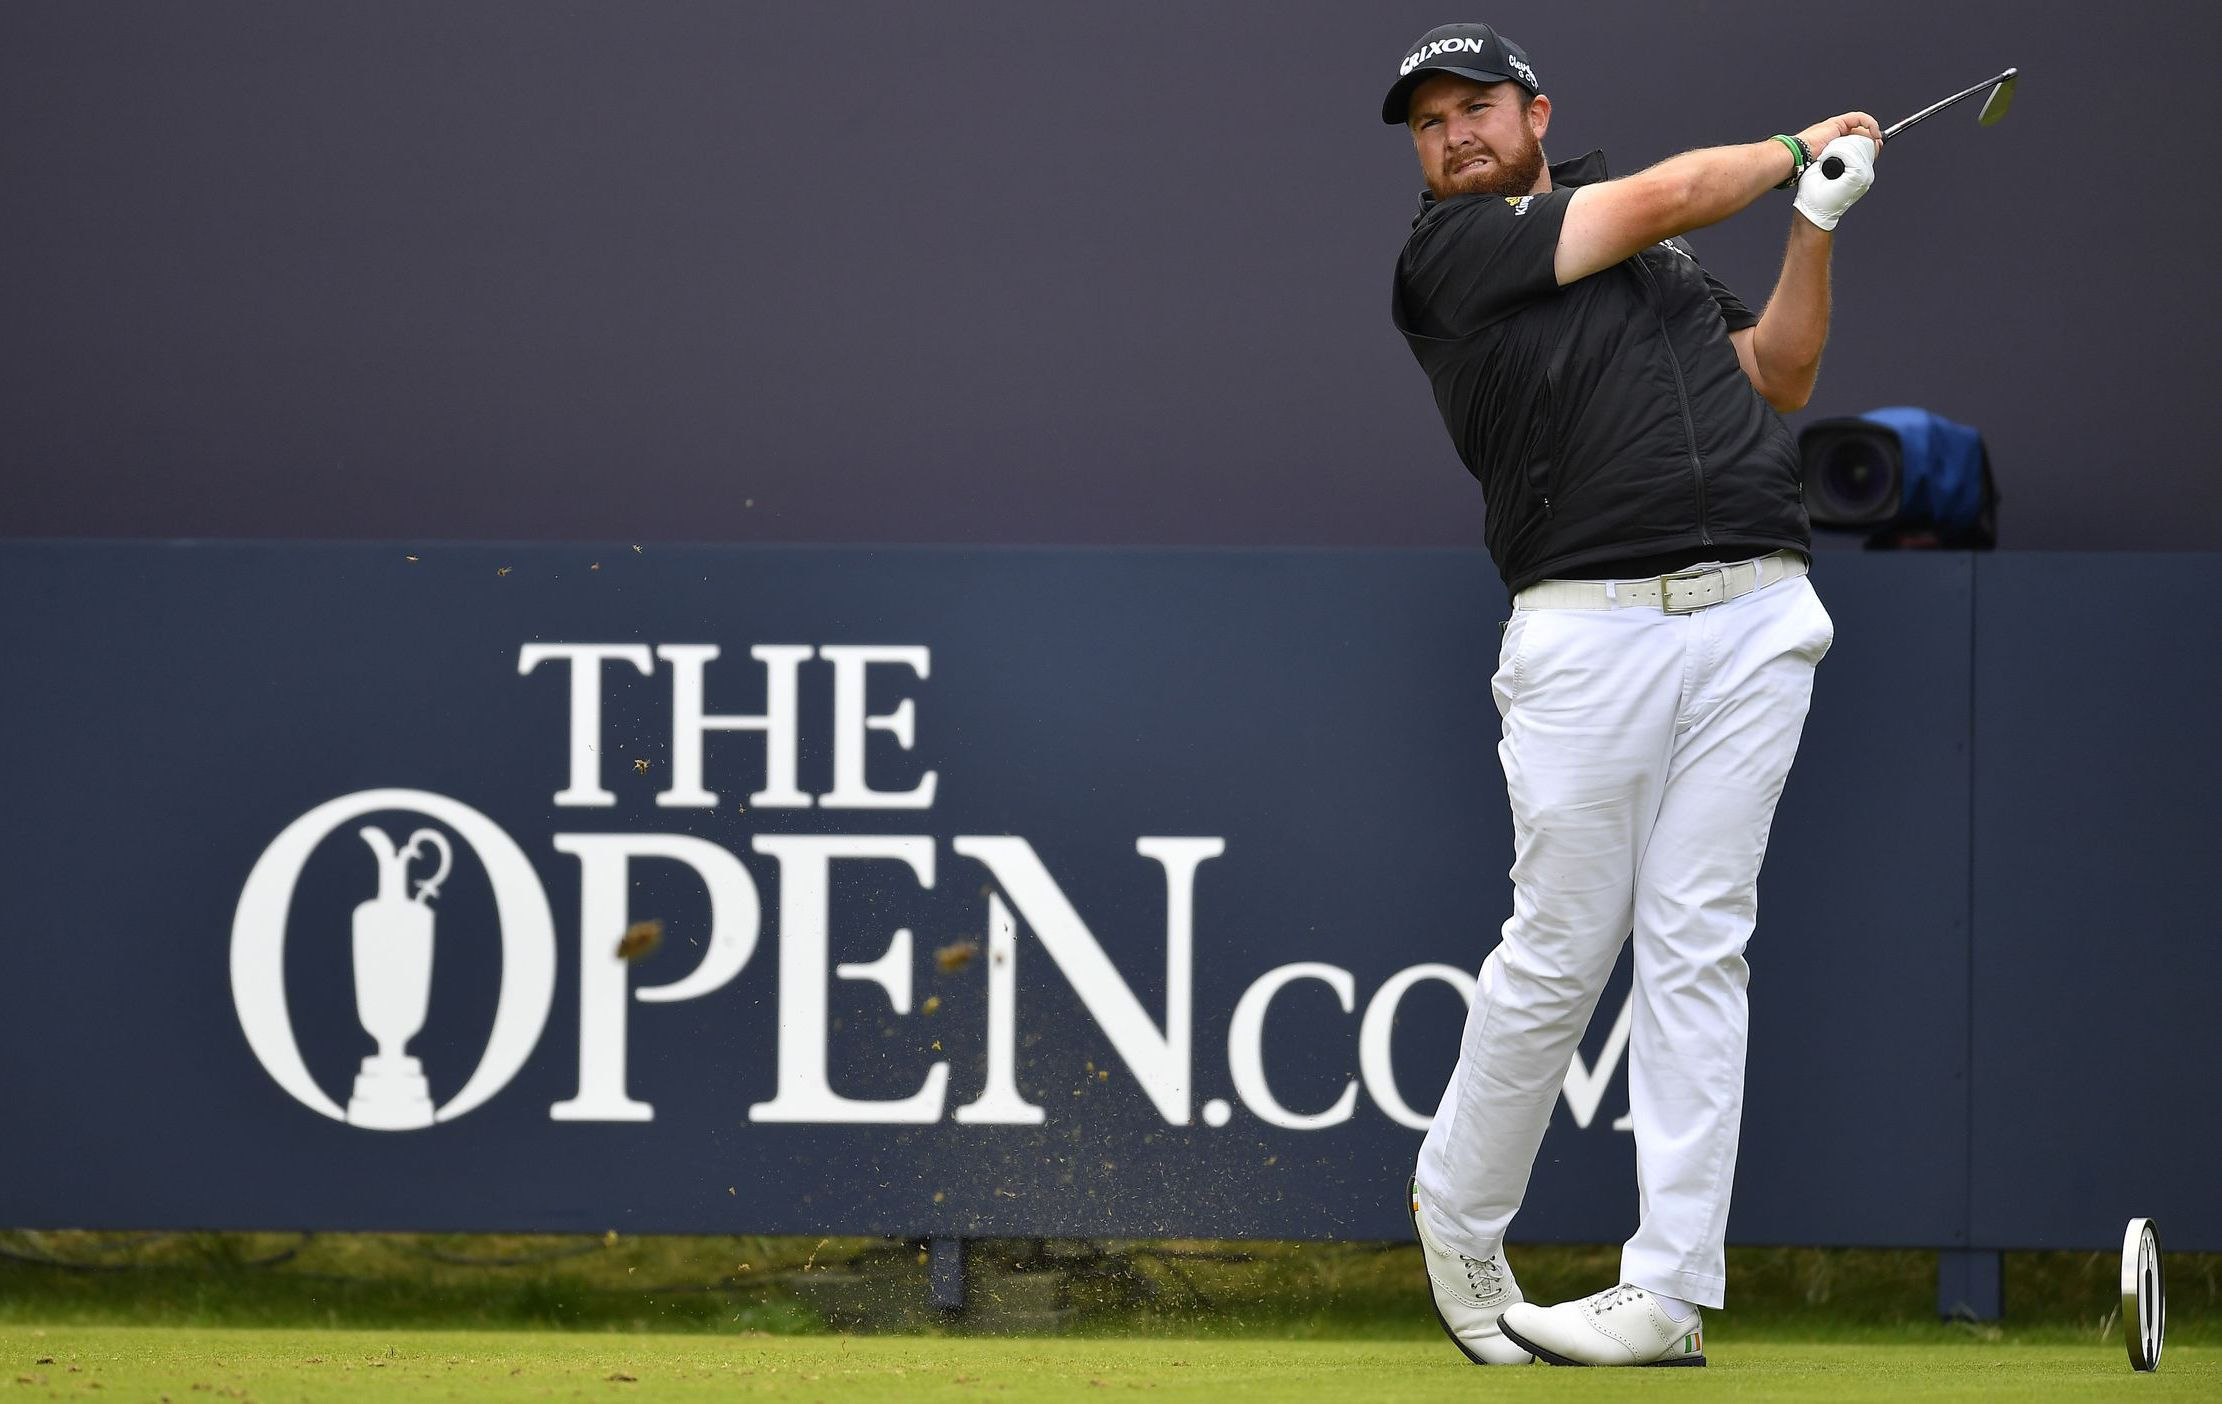 Golf - Tournois majeurs - Open britannique : Shane Lowry seul leader face aux Anglais, Langasque s'accroche